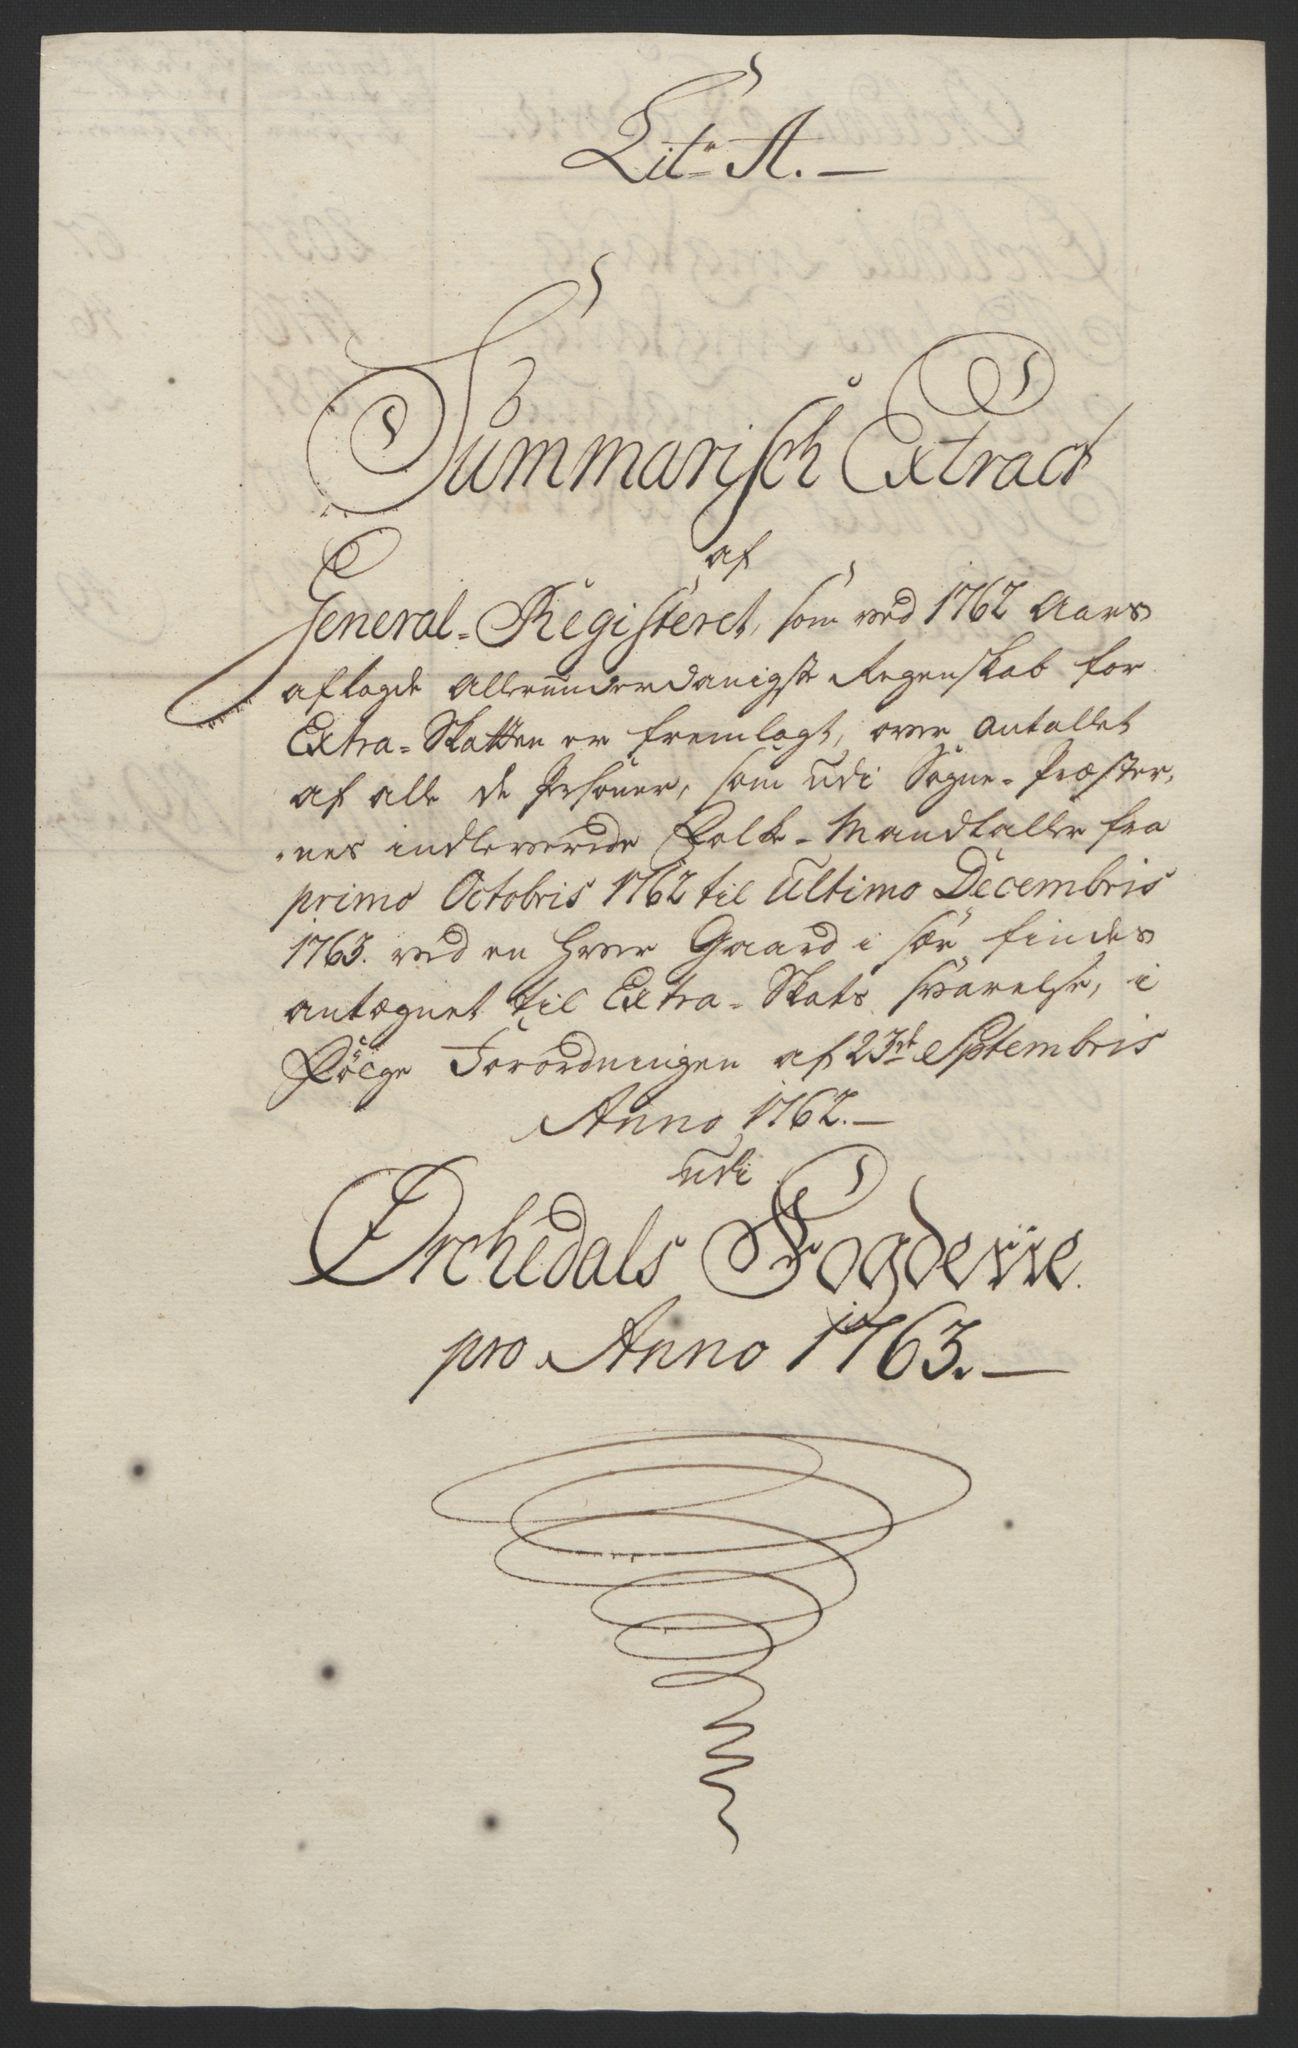 RA, Rentekammeret inntil 1814, Reviderte regnskaper, Fogderegnskap, R60/L4094: Ekstraskatten Orkdal og Gauldal, 1762-1765, s. 90